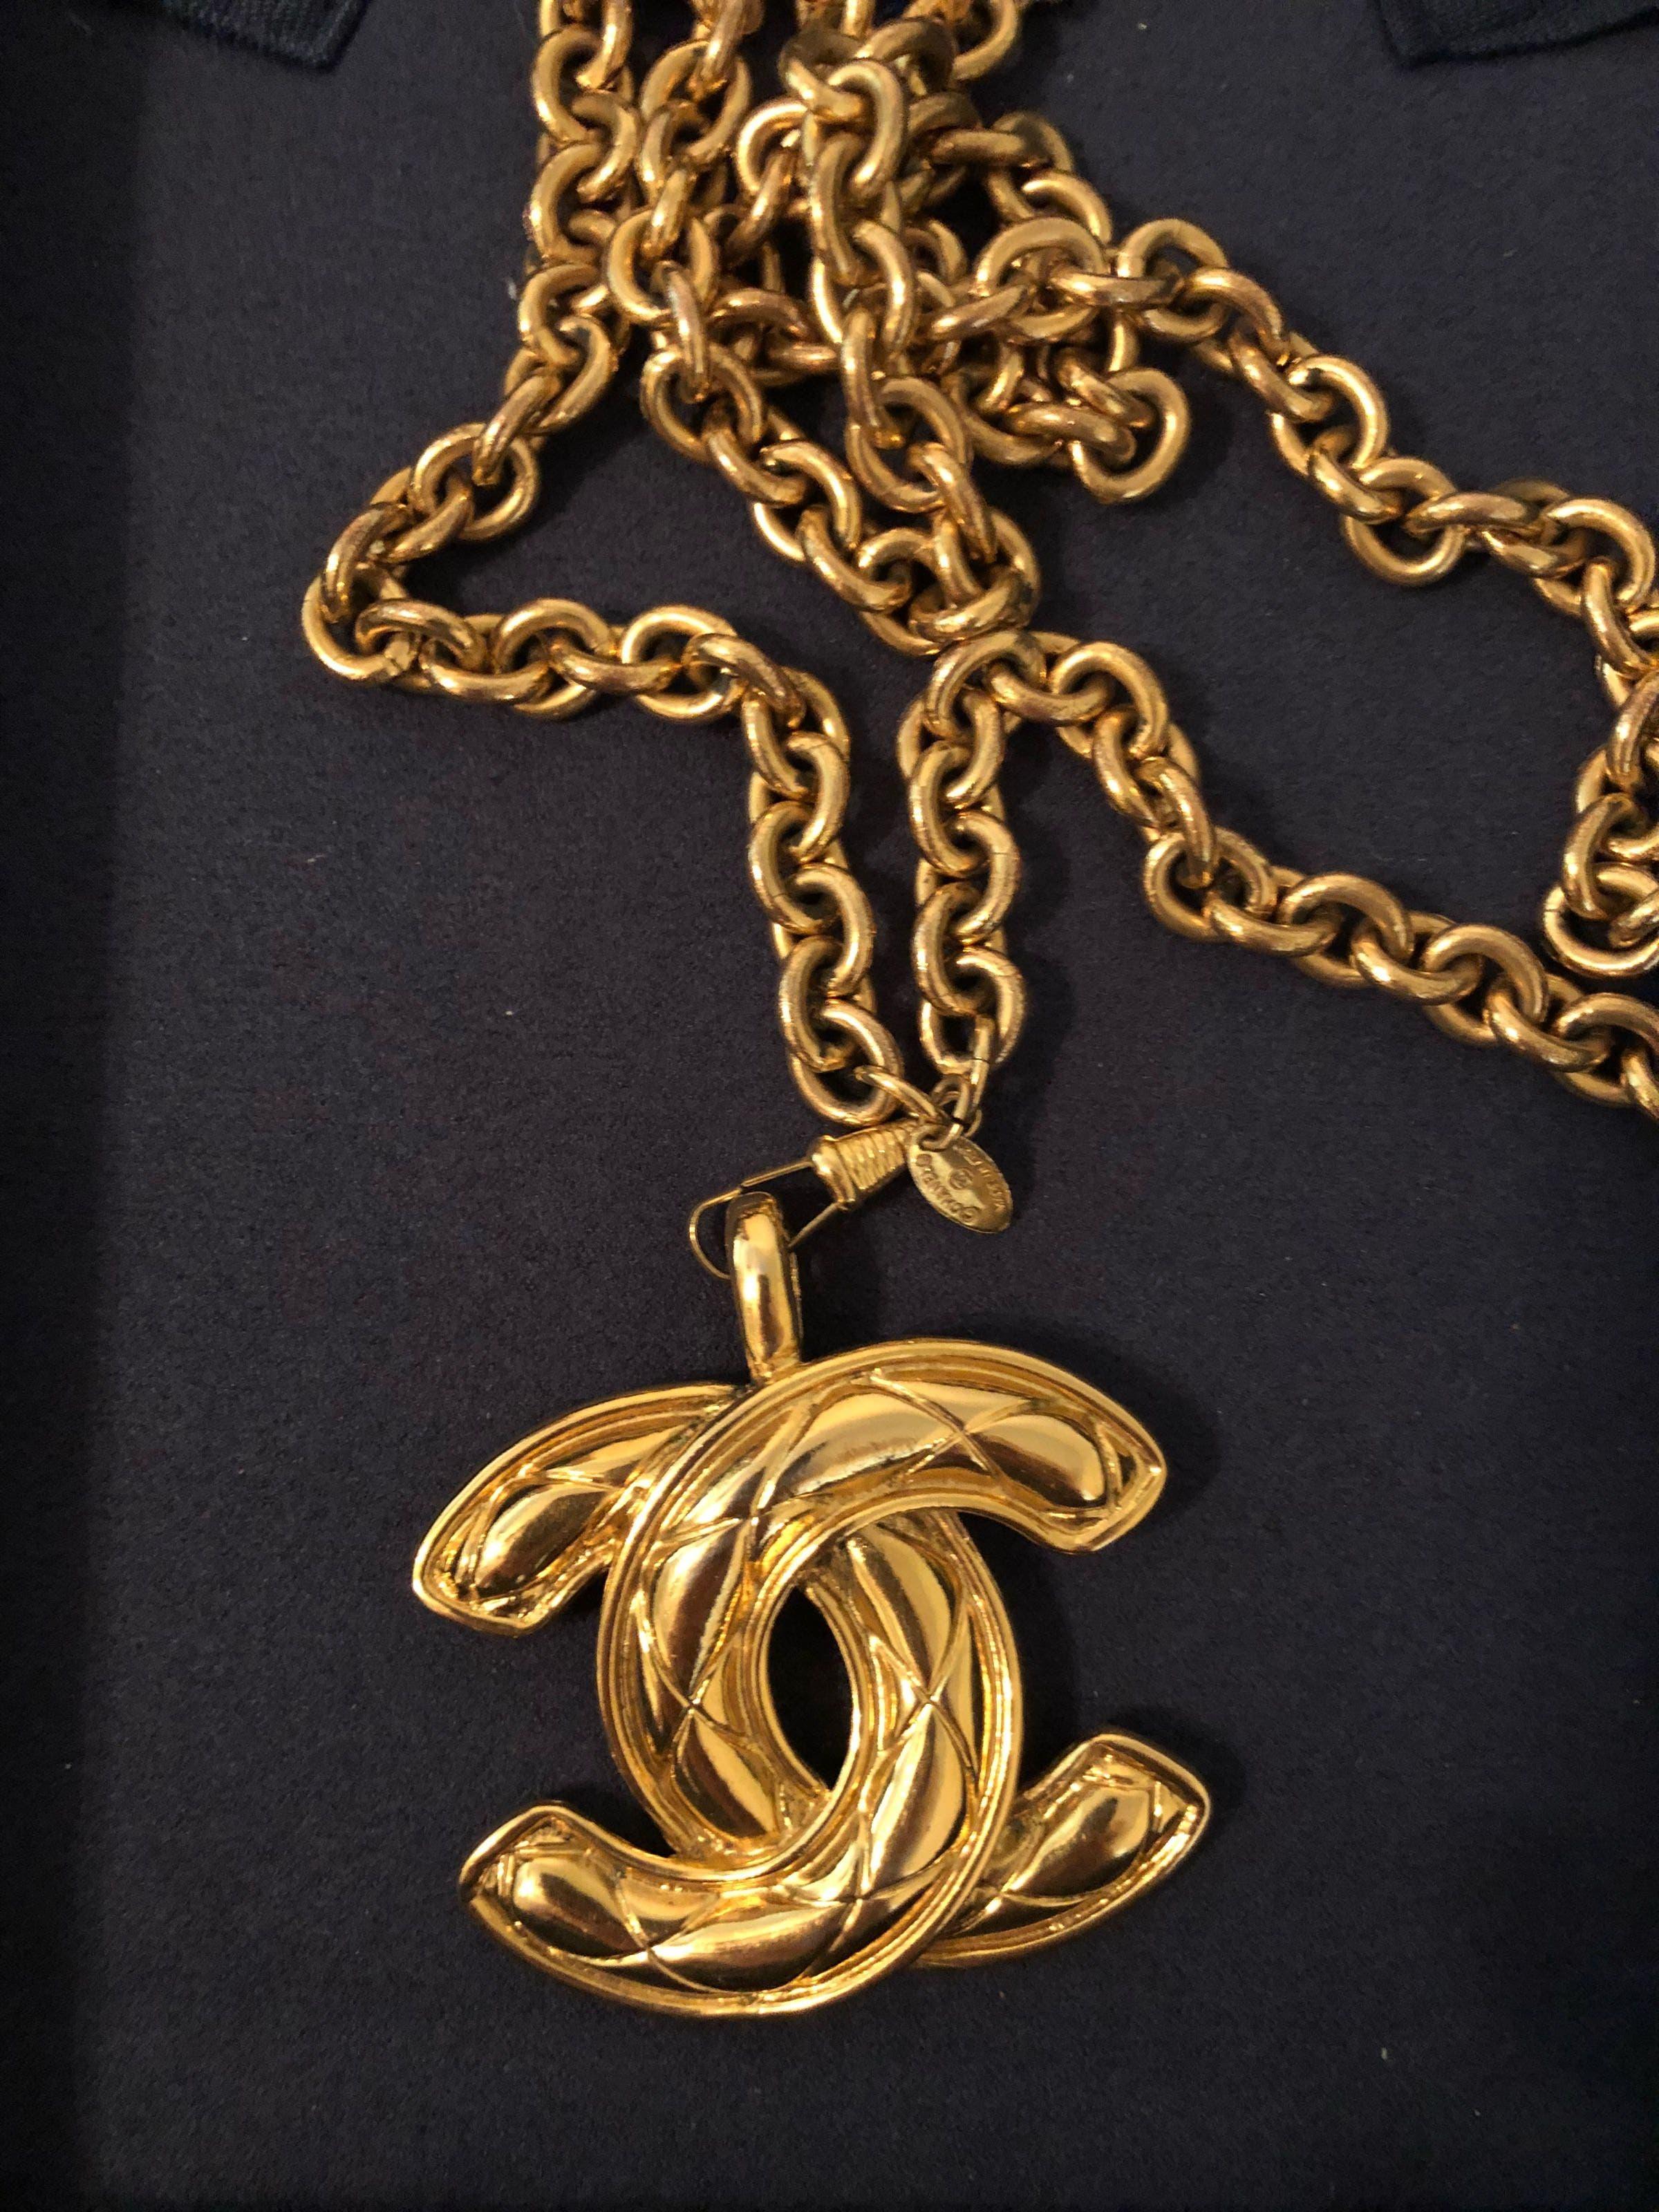 c6e881dec7aa Vintage Chanel CC Pendant Necklace by WGACA Vintage for  200